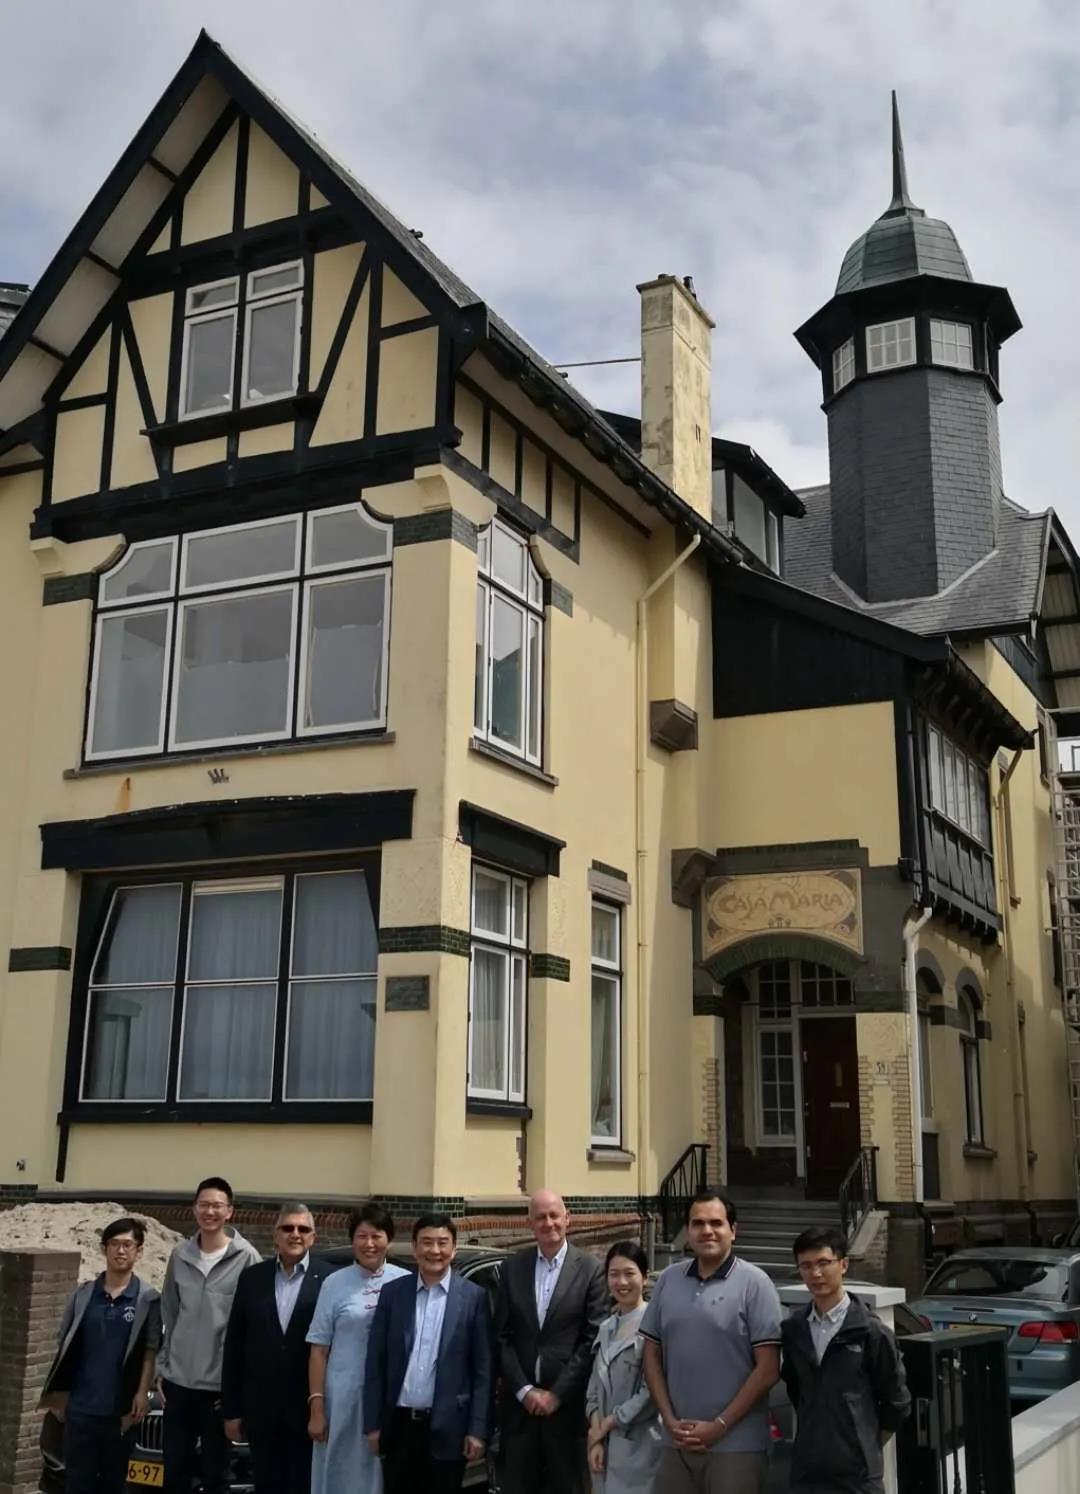 荷兰皇家工程师协会与欧洲留华同学会联盟及武汉大学荷比卢校友会联手合作